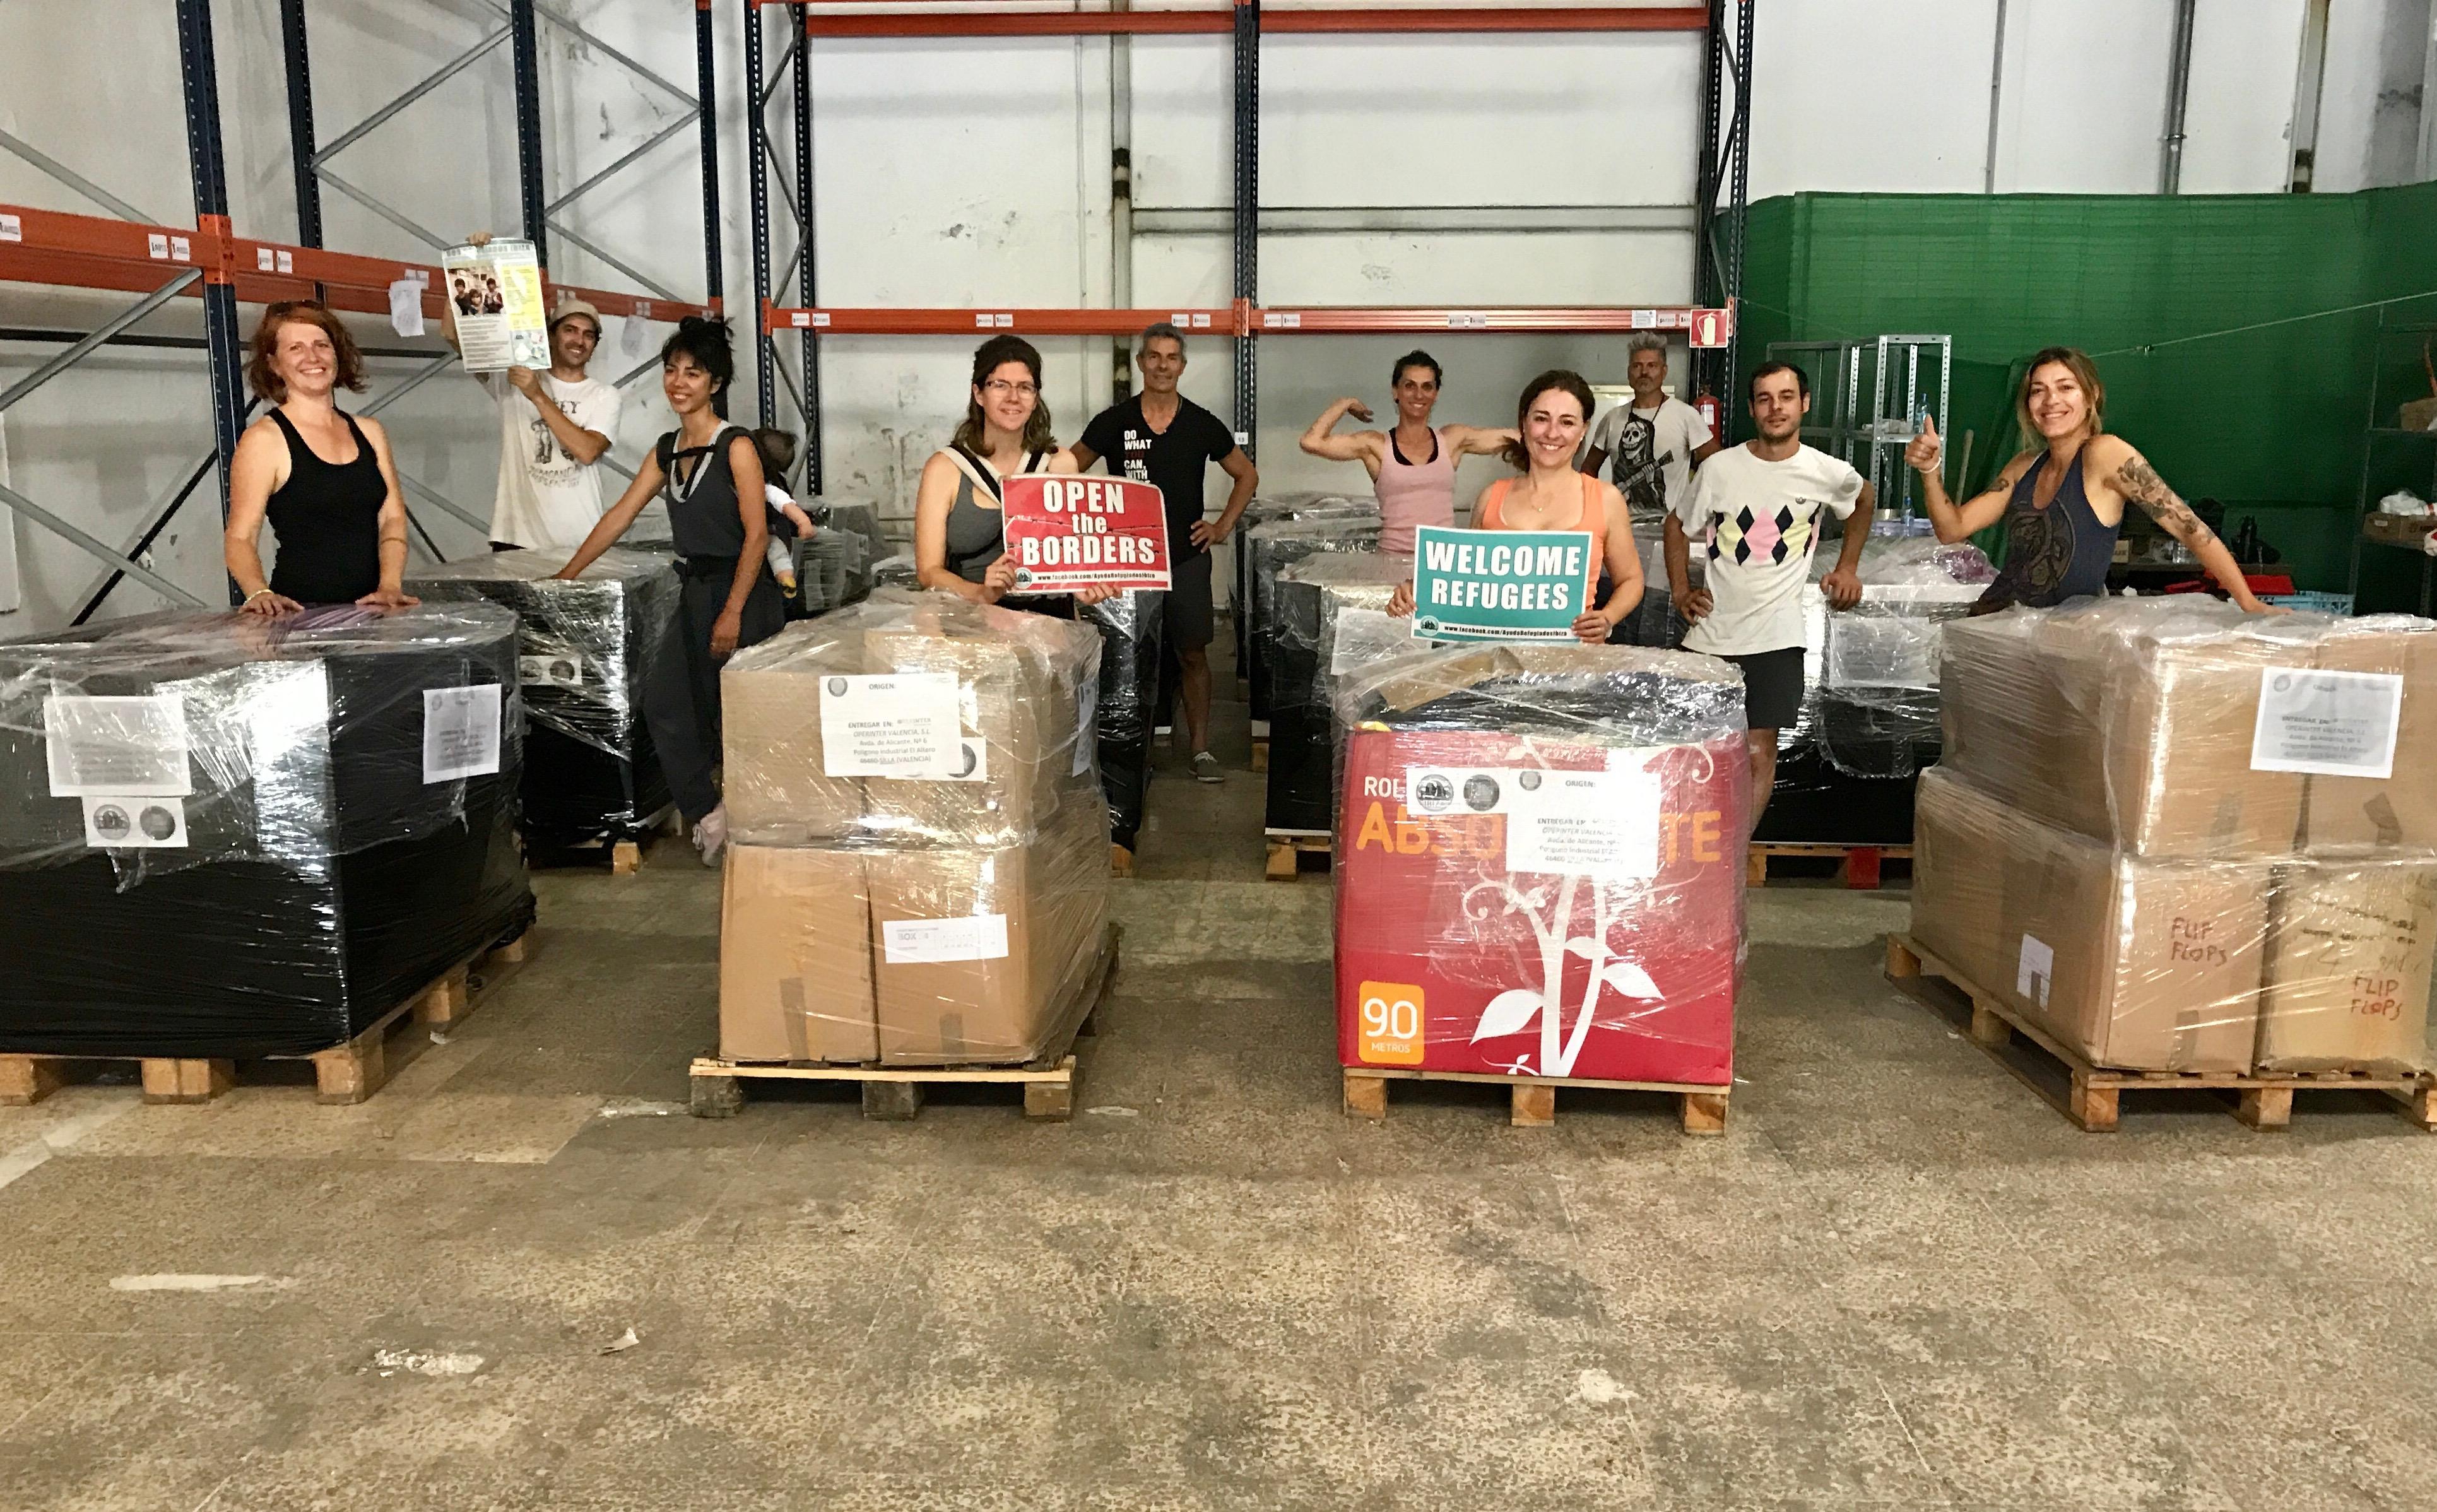 SOS REFUGIADOS IBIZA ENVÍA 17 PALETS DE MATERIAL HUMANITARIO (Nota De Prensa)